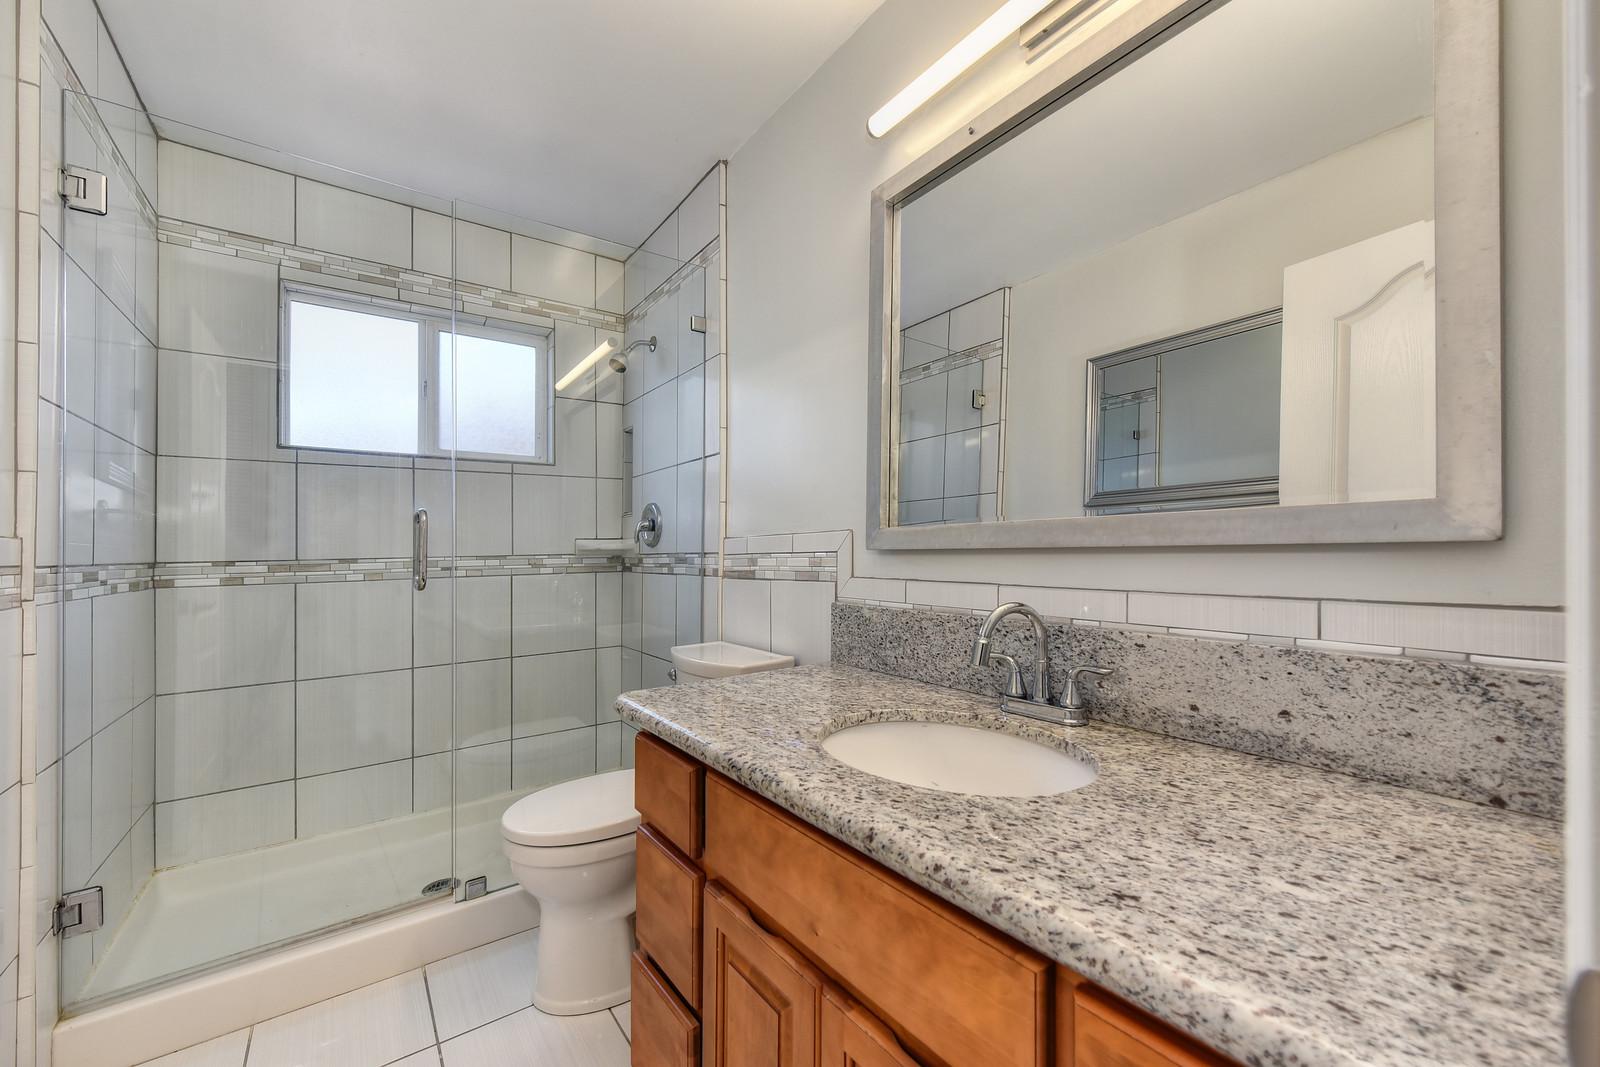 Real Estate in Carmichael California | Search all Carmichael California homes for sale.